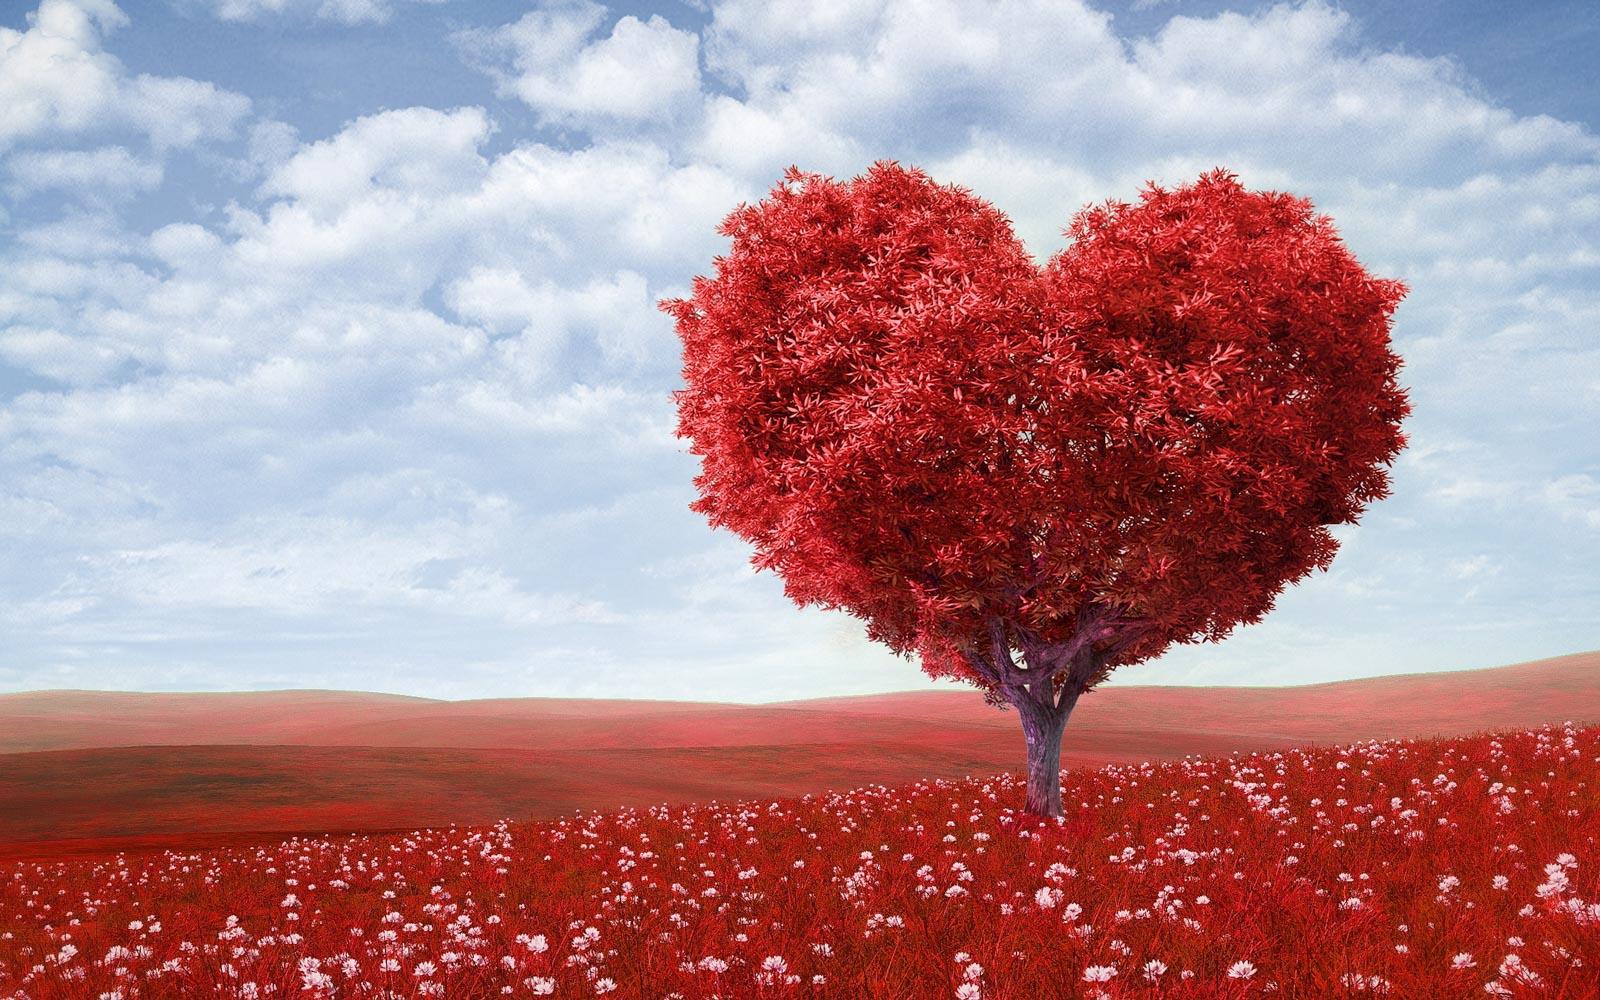 DEVINUS Kracht van het hart weekend. Dit weekend staat de onvoorwaardelijke liefde voor jezelf centraal in verbinding met je Hart. In jouw Hart ligt je innerlijke leiding verankert.